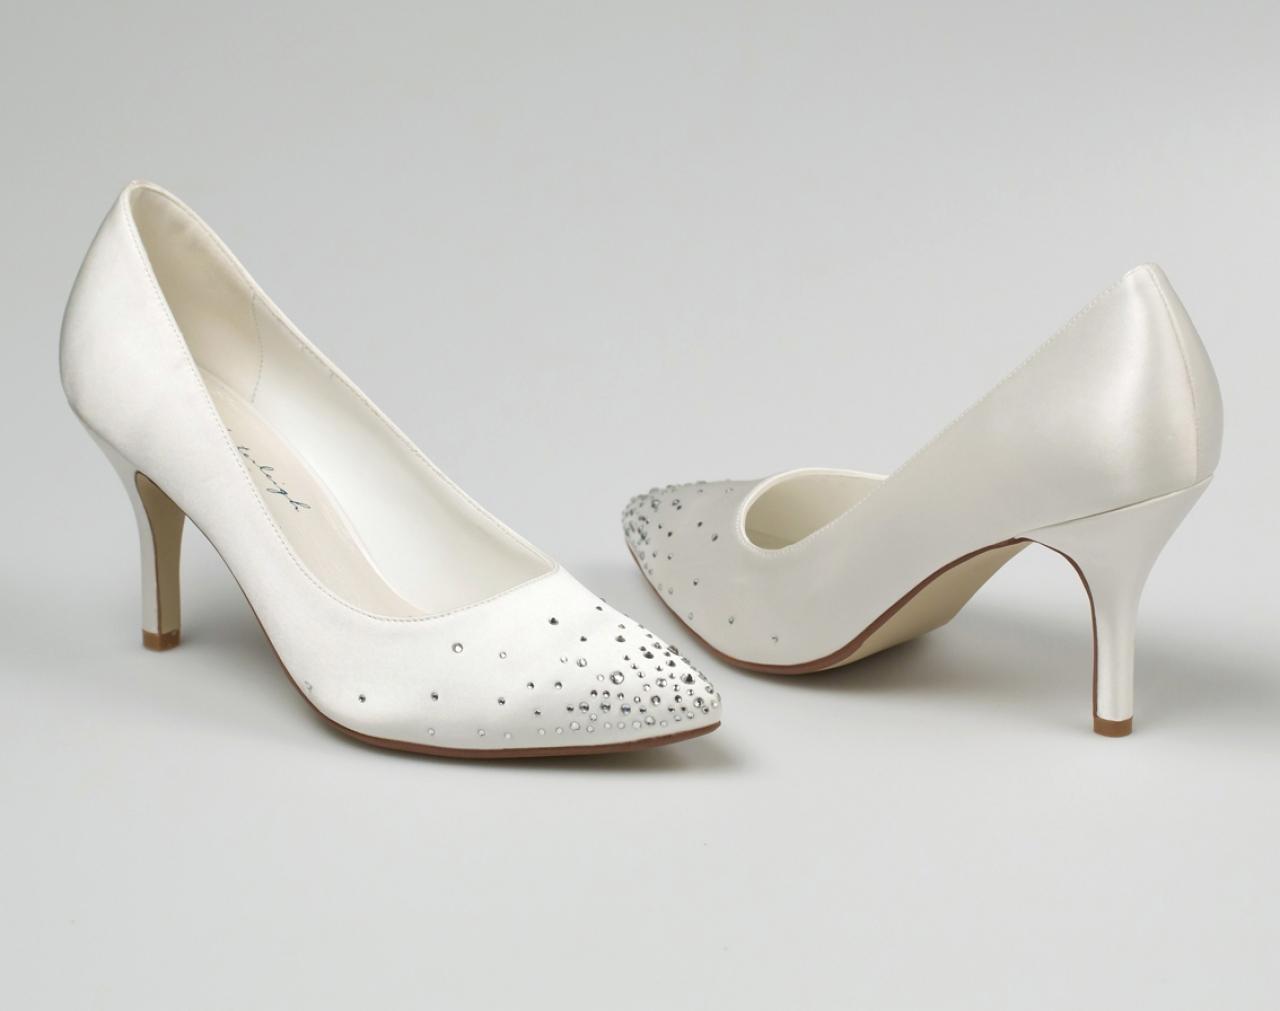 Svadobné topánky Gemma - Obrázok č. 1